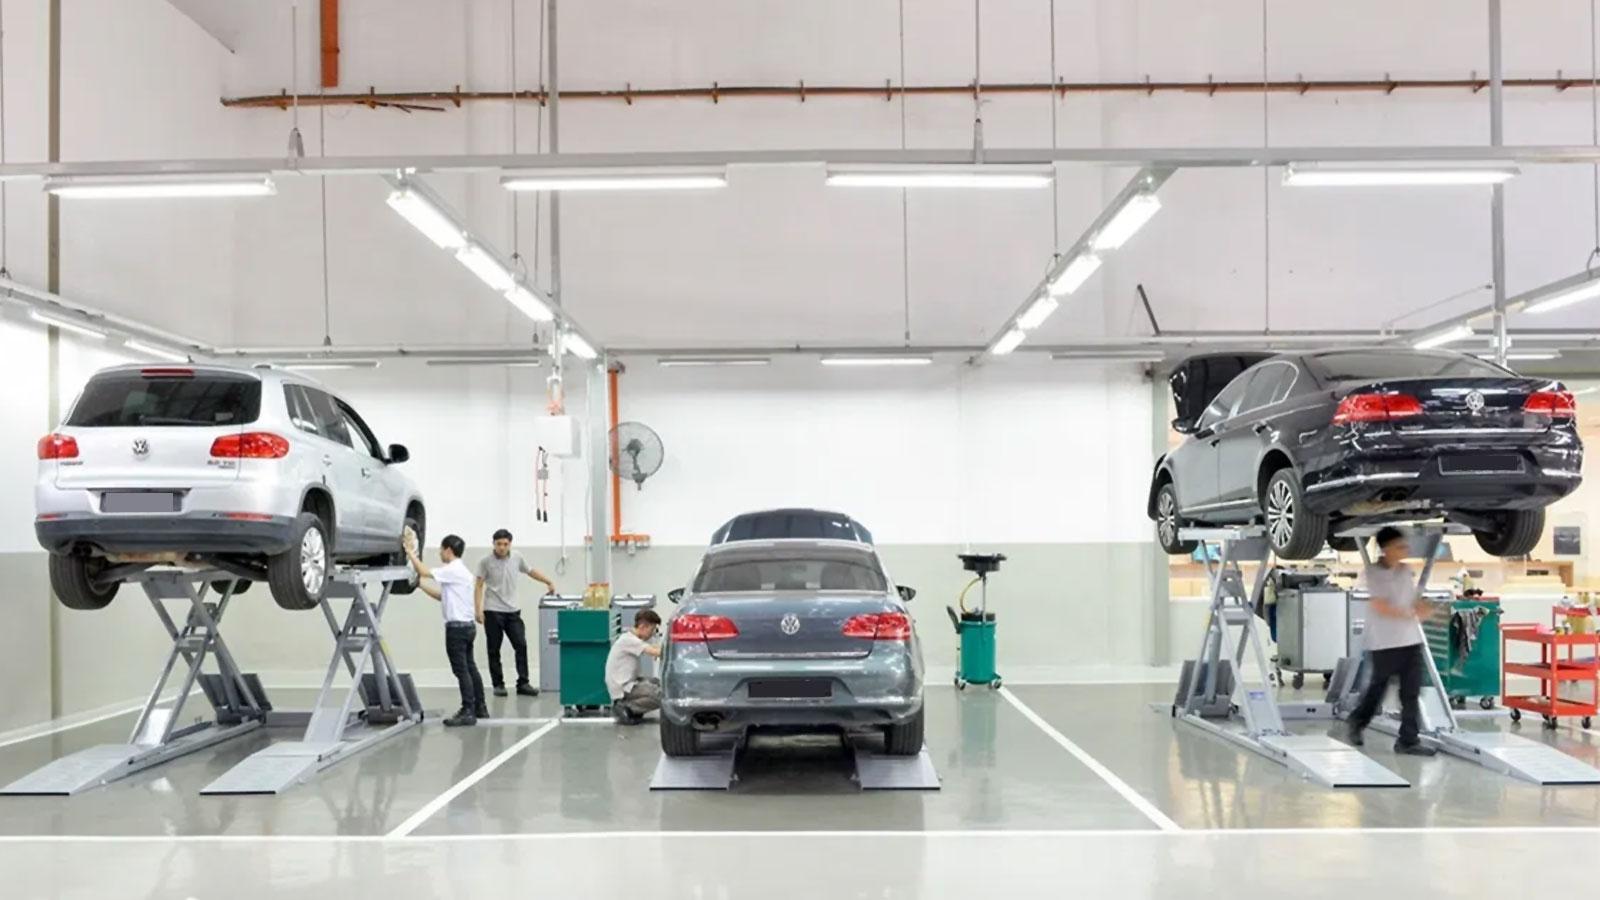 Τα καλύτερα συνεργεία αυτοκινήτου και με ποια κριτήρια τα επιλέγεις.